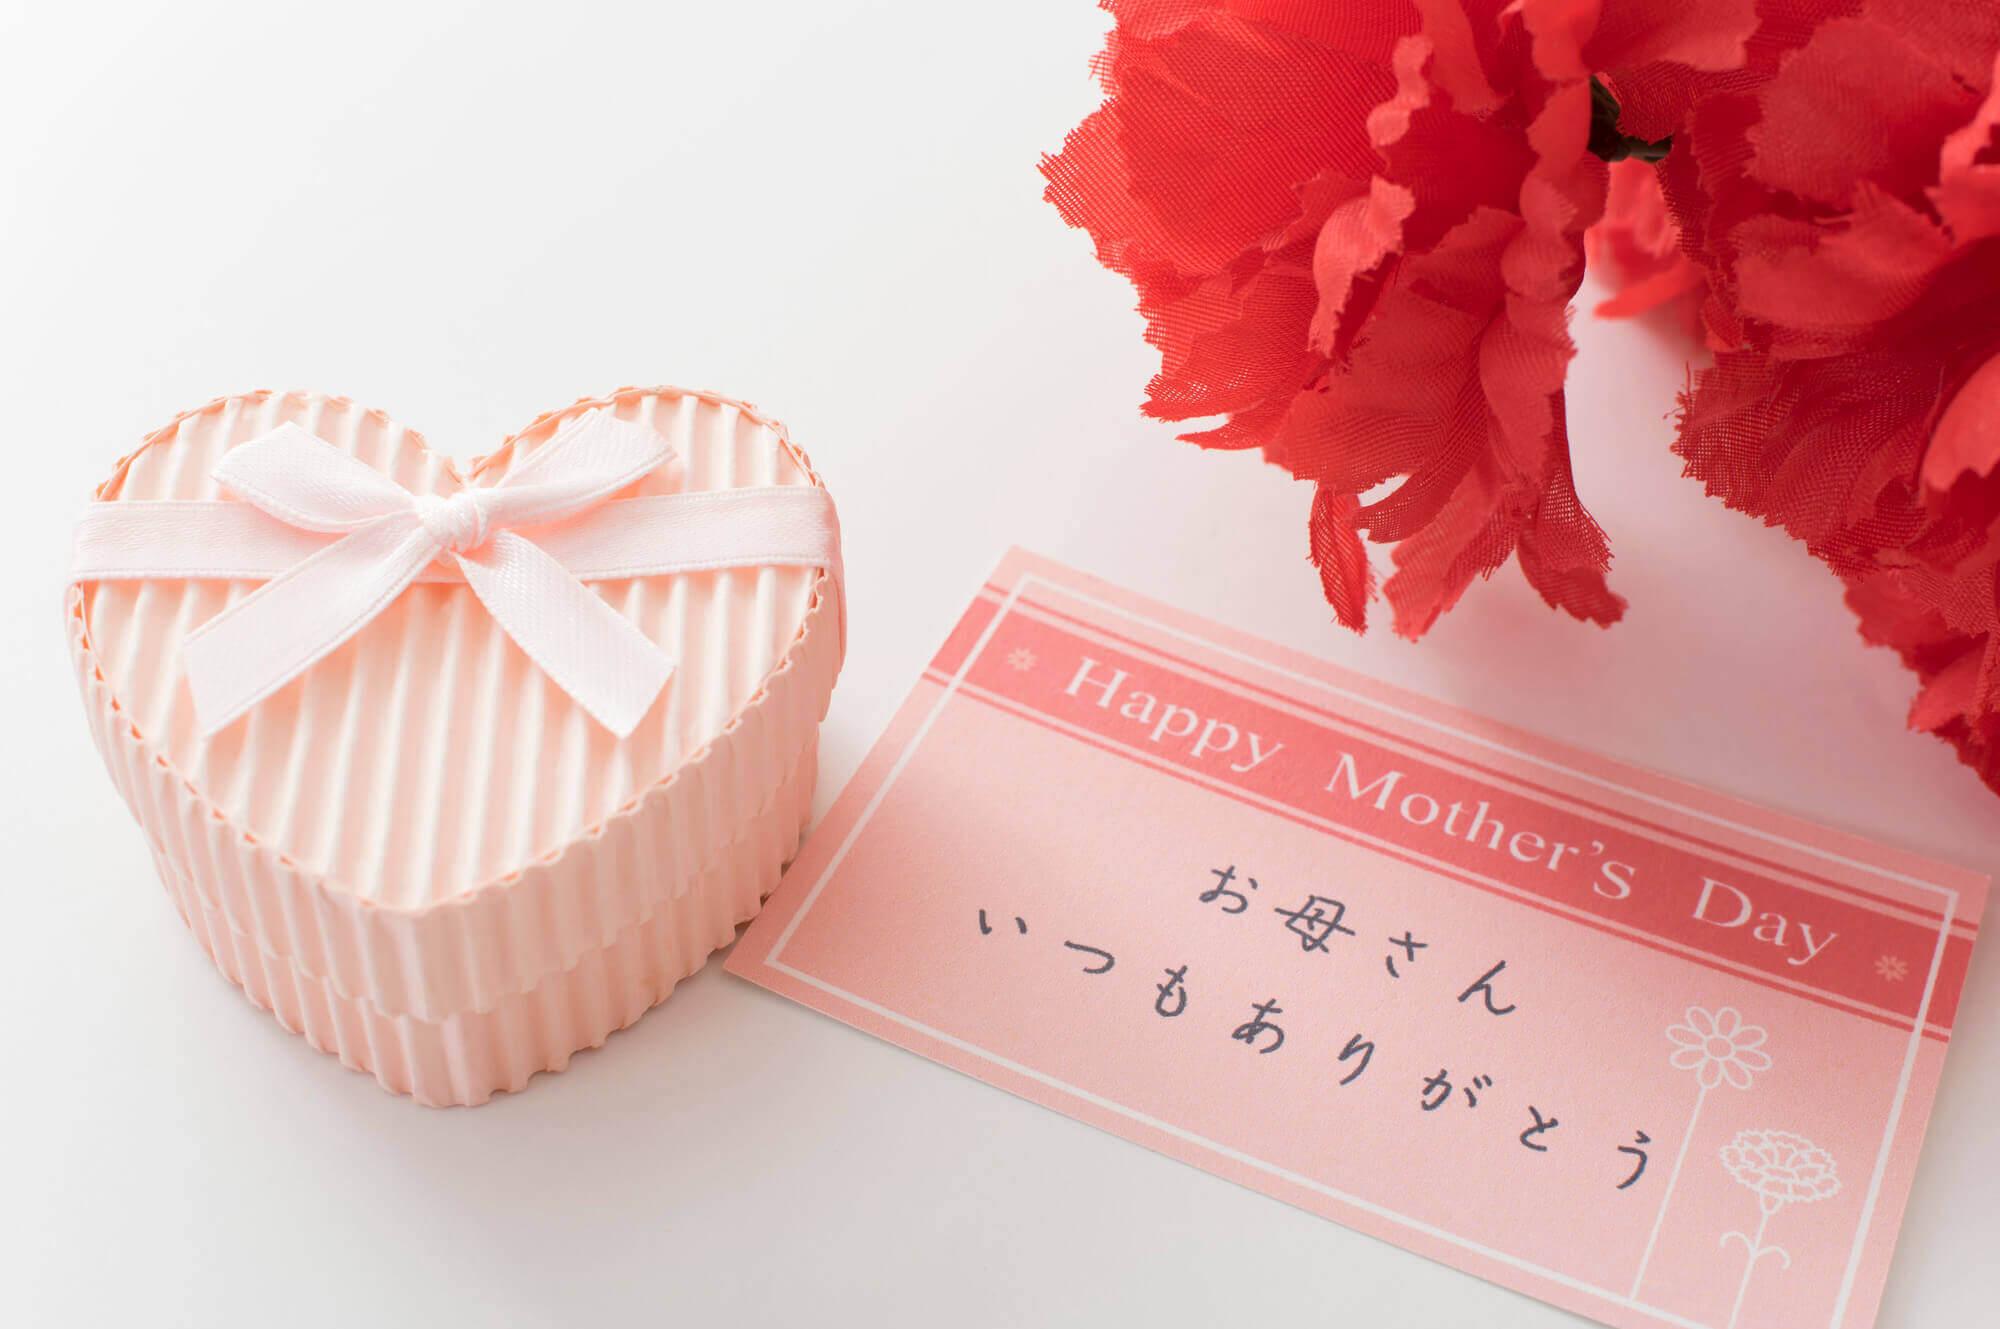 母の日ギフトを選ぶポイント|母の日 コラム